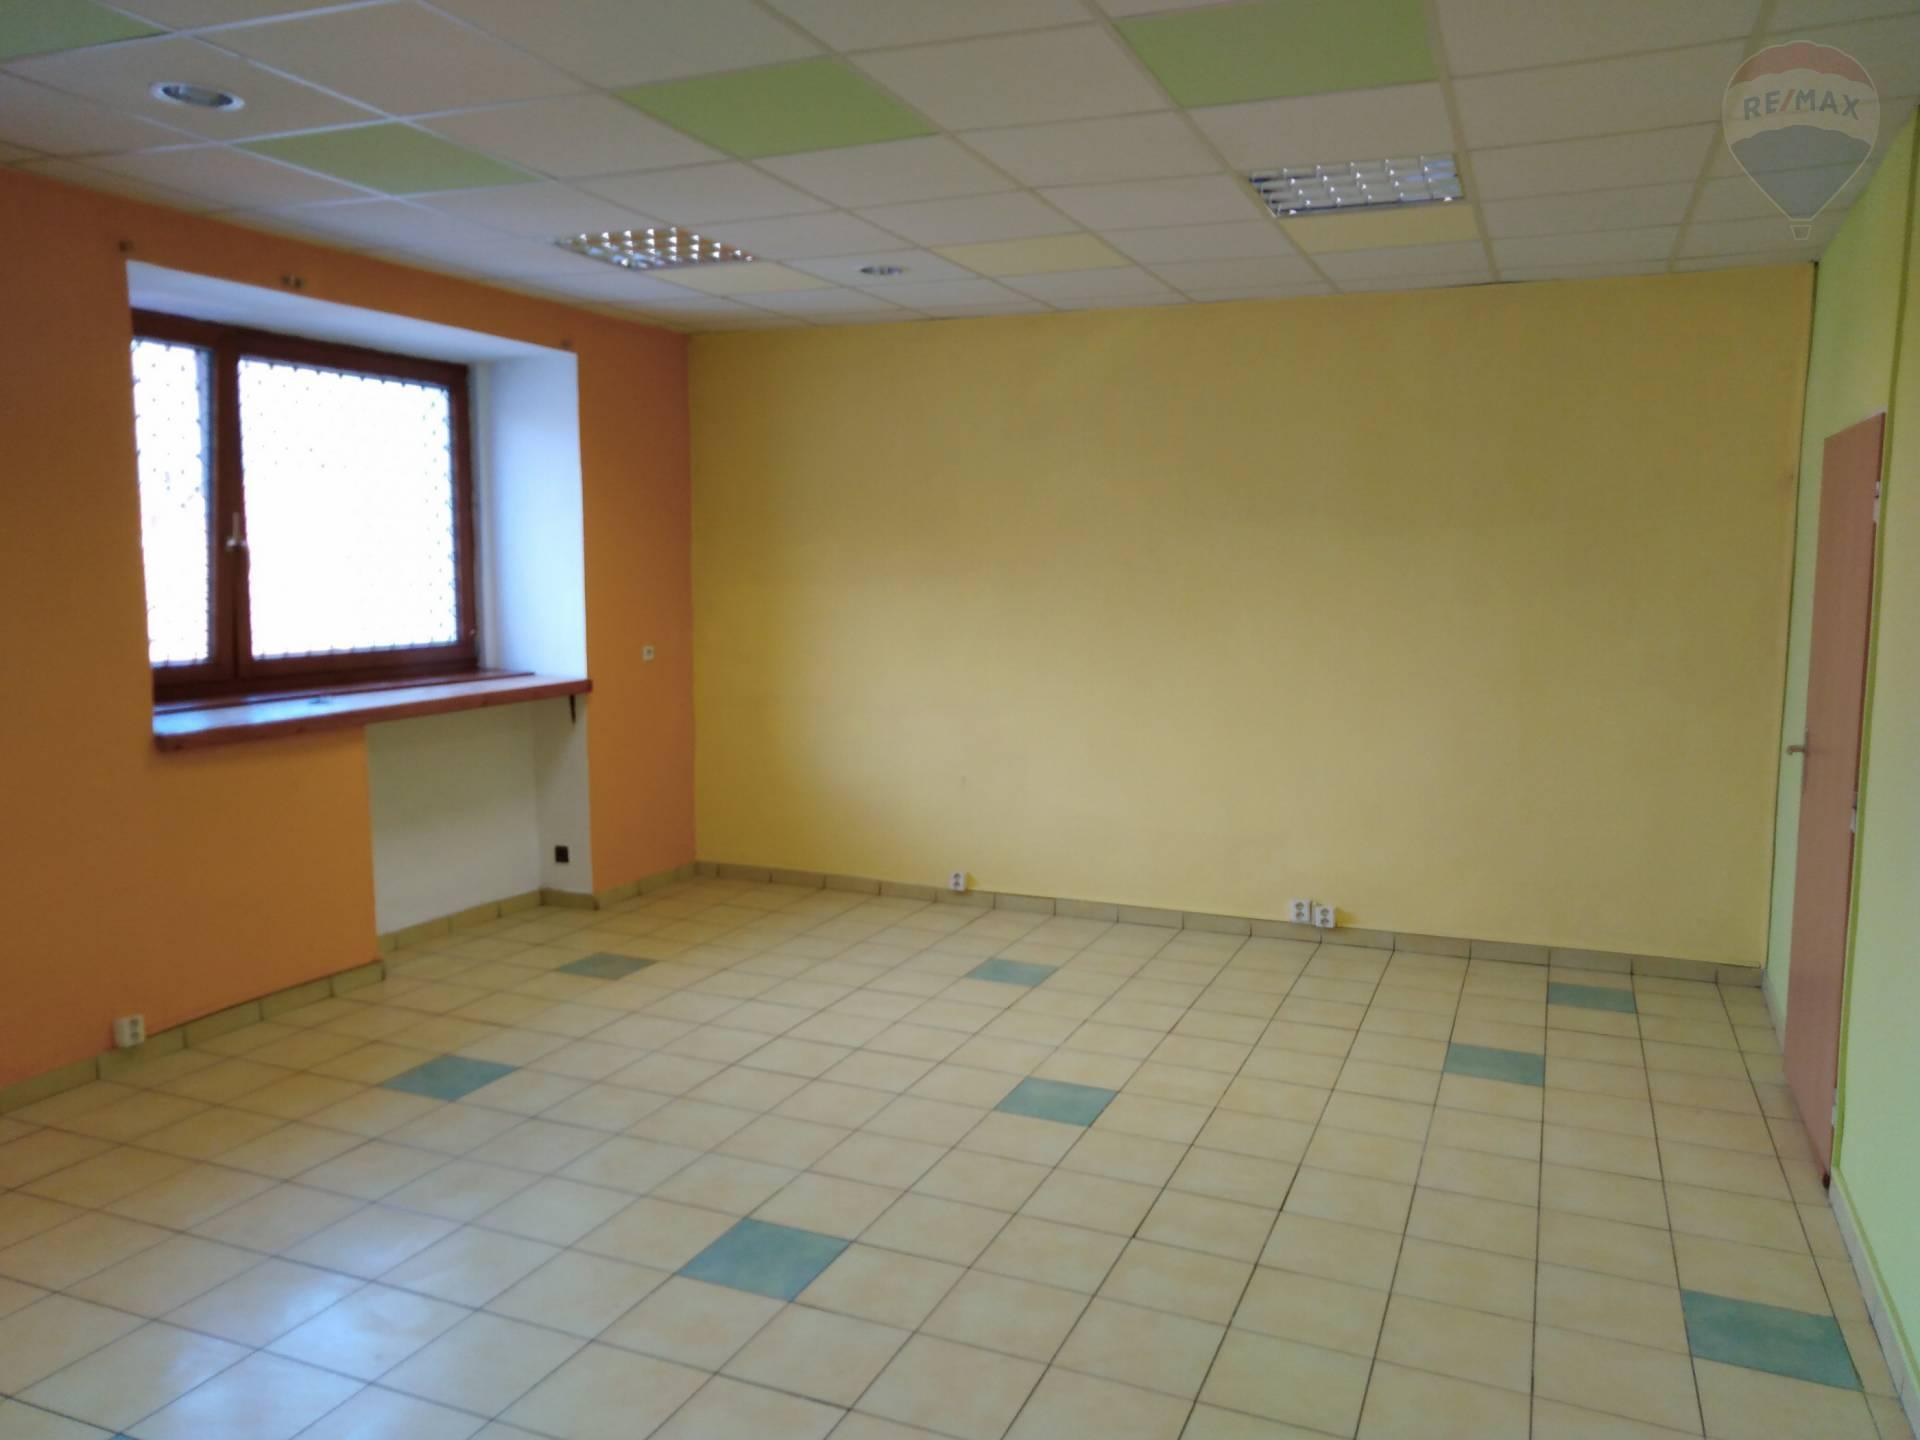 Rekonštruovaný priestor pre služby / kancelária na prenájom, plocha 59 m2.